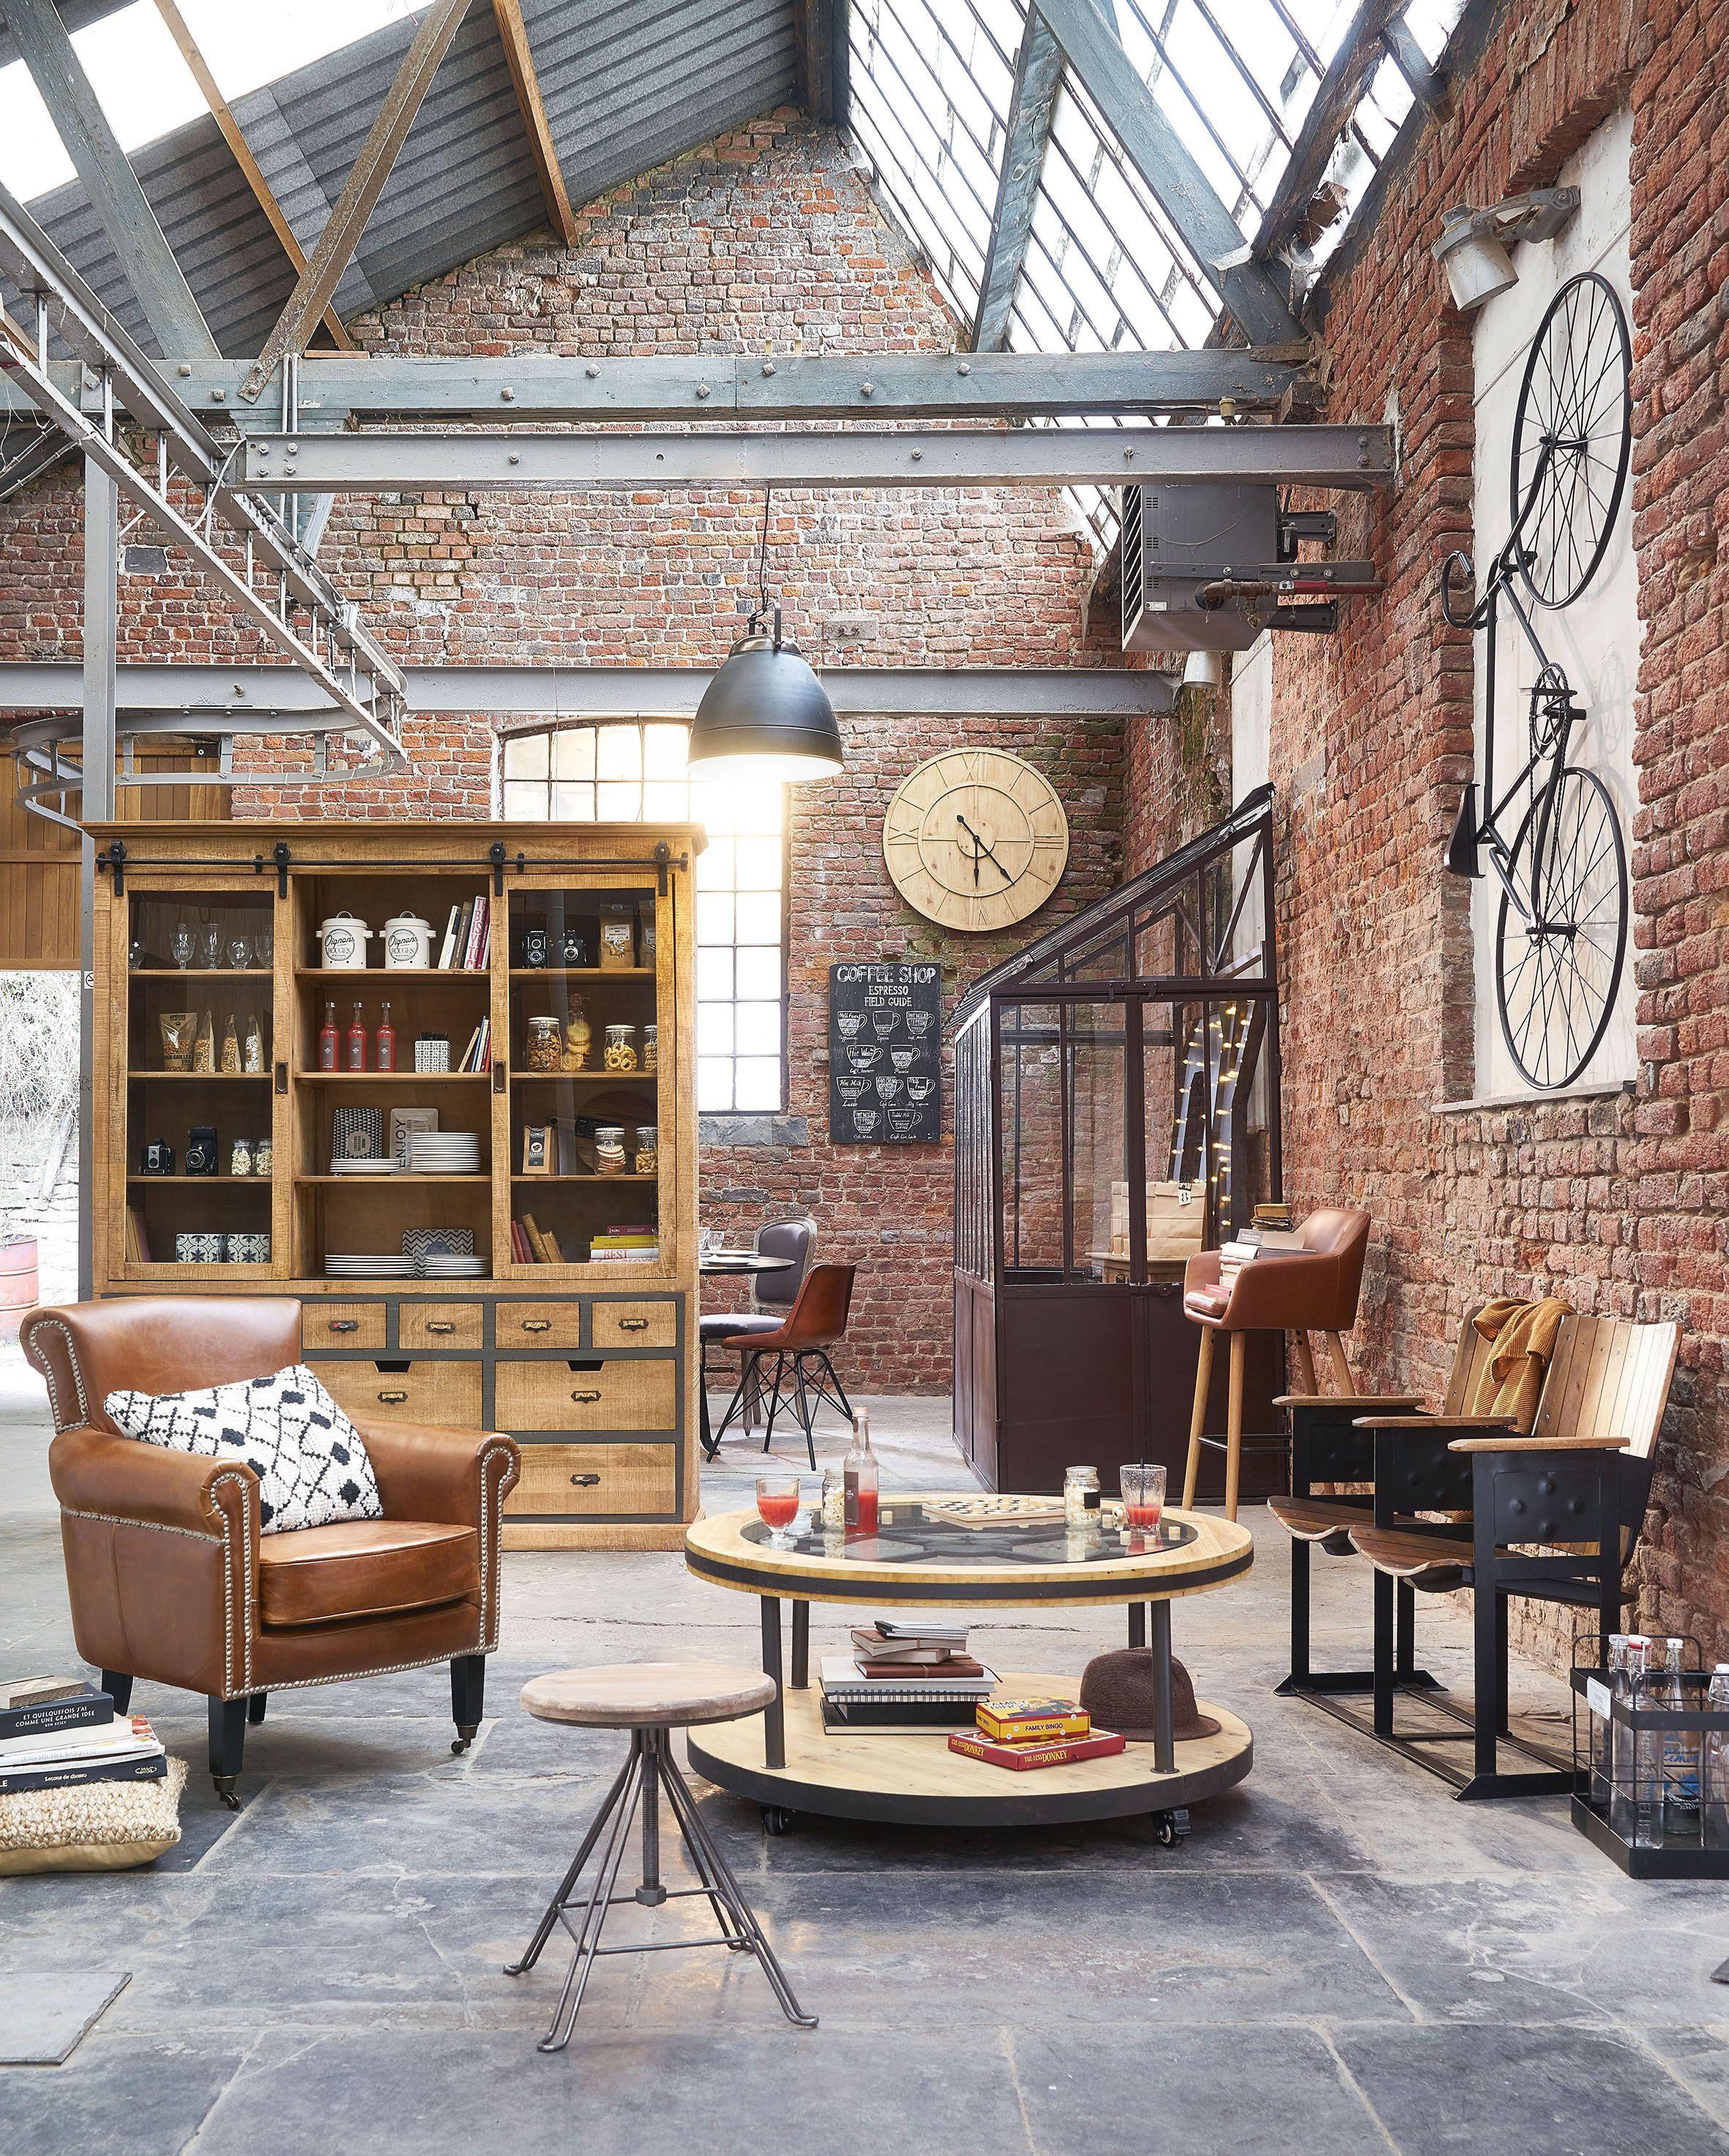 Salon loft dans une vieille ancienne usine mur de briquettes rouge